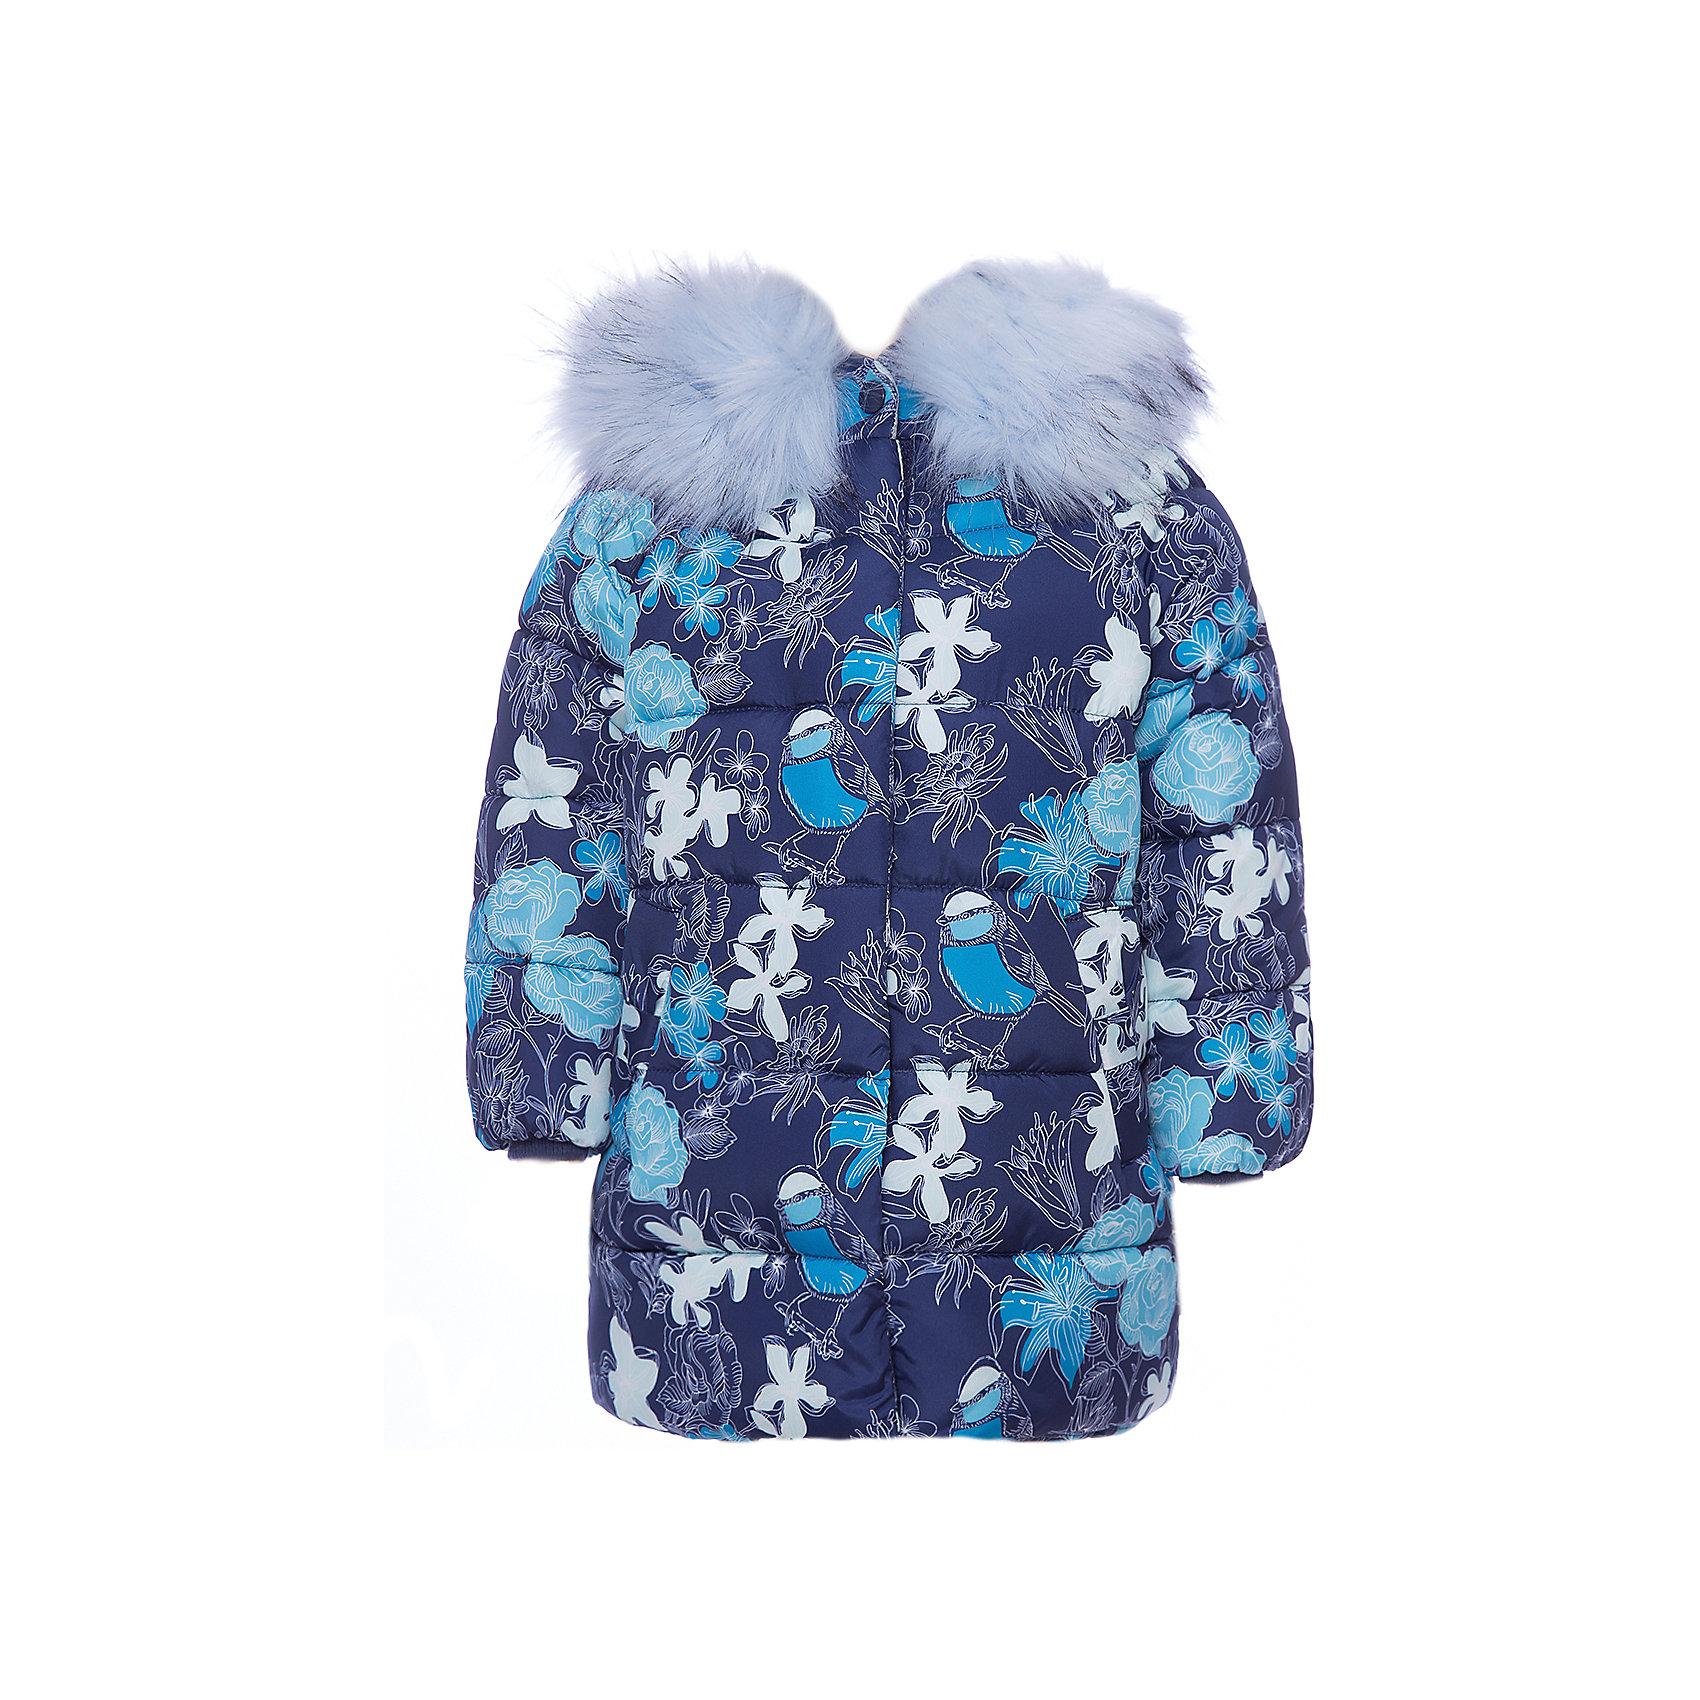 Пальто BOOM by Orby для девочкиВерхняя одежда<br>Характеристики товара:<br><br>• цвет: синий<br>• состав ткани: таффета весна pu milky<br>• подкладка: хлопок, флис, полиэстер пуходержащий<br>• утеплитель: эко синтепон <br>• сезон: зима<br>• температурный режим: от 0 до -30С<br>• плотность утеплителя: 400 г/м2<br>• капюшон: с мехом<br>• застежка: молния<br>• страна бренда: Россия<br>• страна изготовитель: Россия<br><br>Теплое детское пальто отлично подойдет для зимних холодов - в этом пальто для ребенка хороший утеплитель. Утепленное пальто для девочки поможет защитить ребенка от холода. Детское теплое пальто дополнено капюшоном с красивой опушкой и удобными карманами. <br><br>Пальто для девочки BOOM by Orby (Бум бай Орби) можно купить в нашем интернет-магазине.<br><br>Ширина мм: 356<br>Глубина мм: 10<br>Высота мм: 245<br>Вес г: 519<br>Цвет: синий<br>Возраст от месяцев: 96<br>Возраст до месяцев: 108<br>Пол: Женский<br>Возраст: Детский<br>Размер: 134,92,98,104,110,116,122,128<br>SKU: 7090256